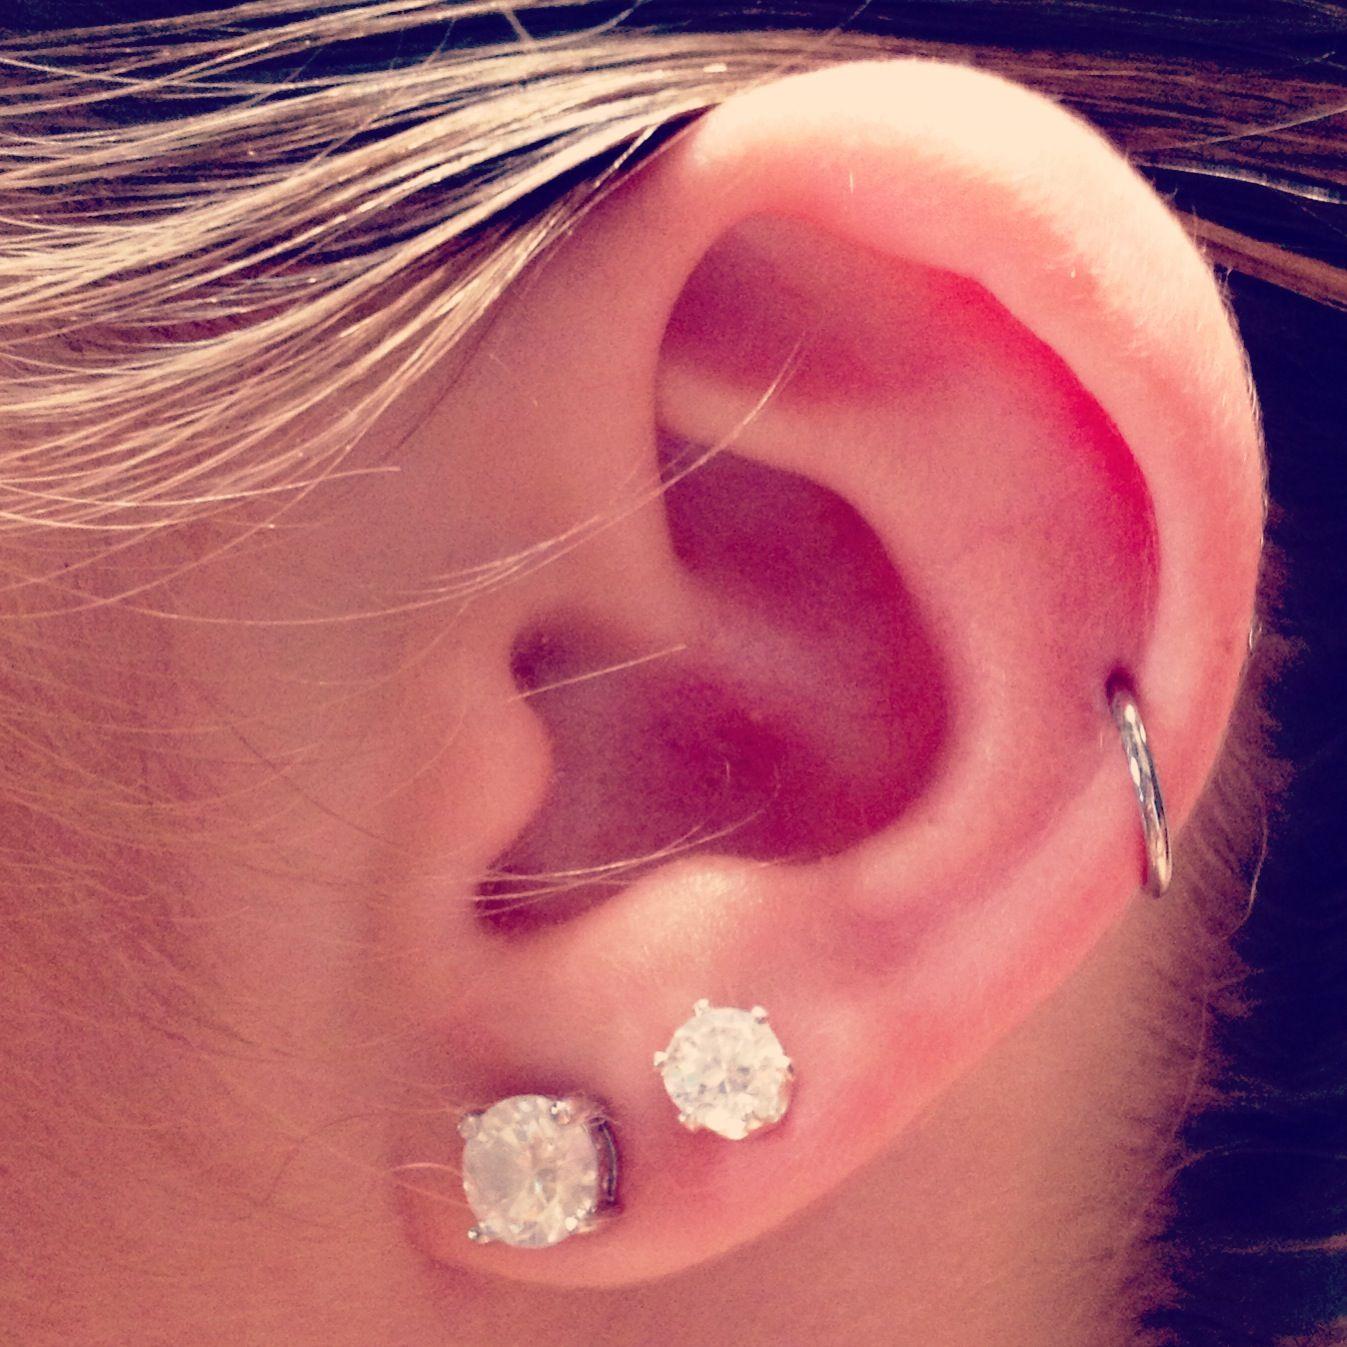 Single Cartilage Hoop Next Piercing